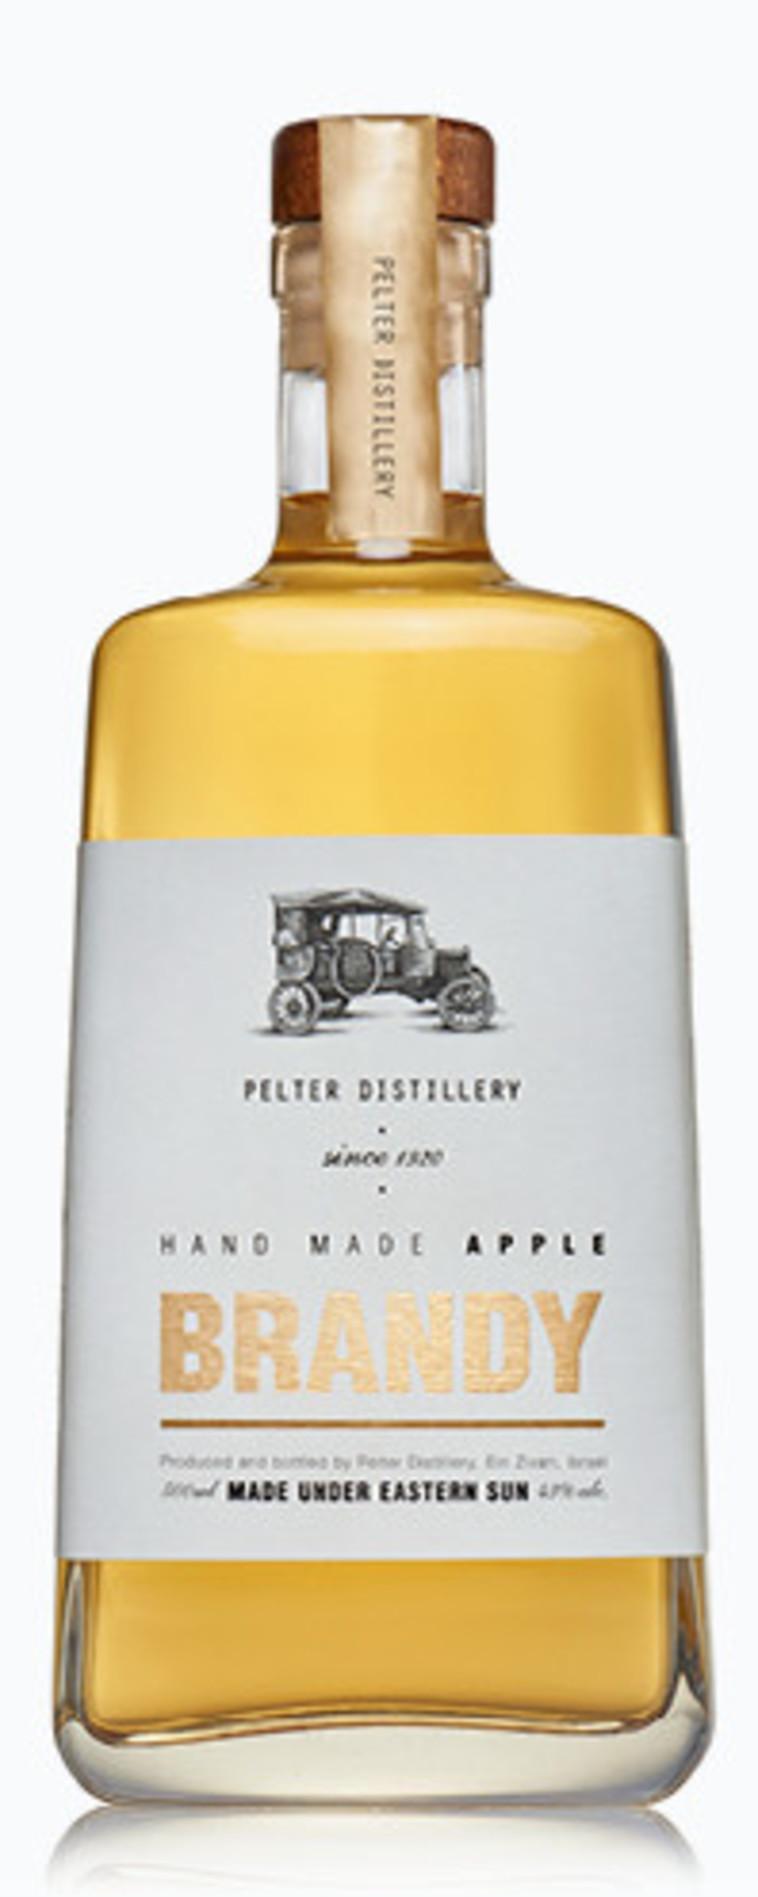 ברנדי תפוחים של פלטר (צילום: באדיבות הלקוח)